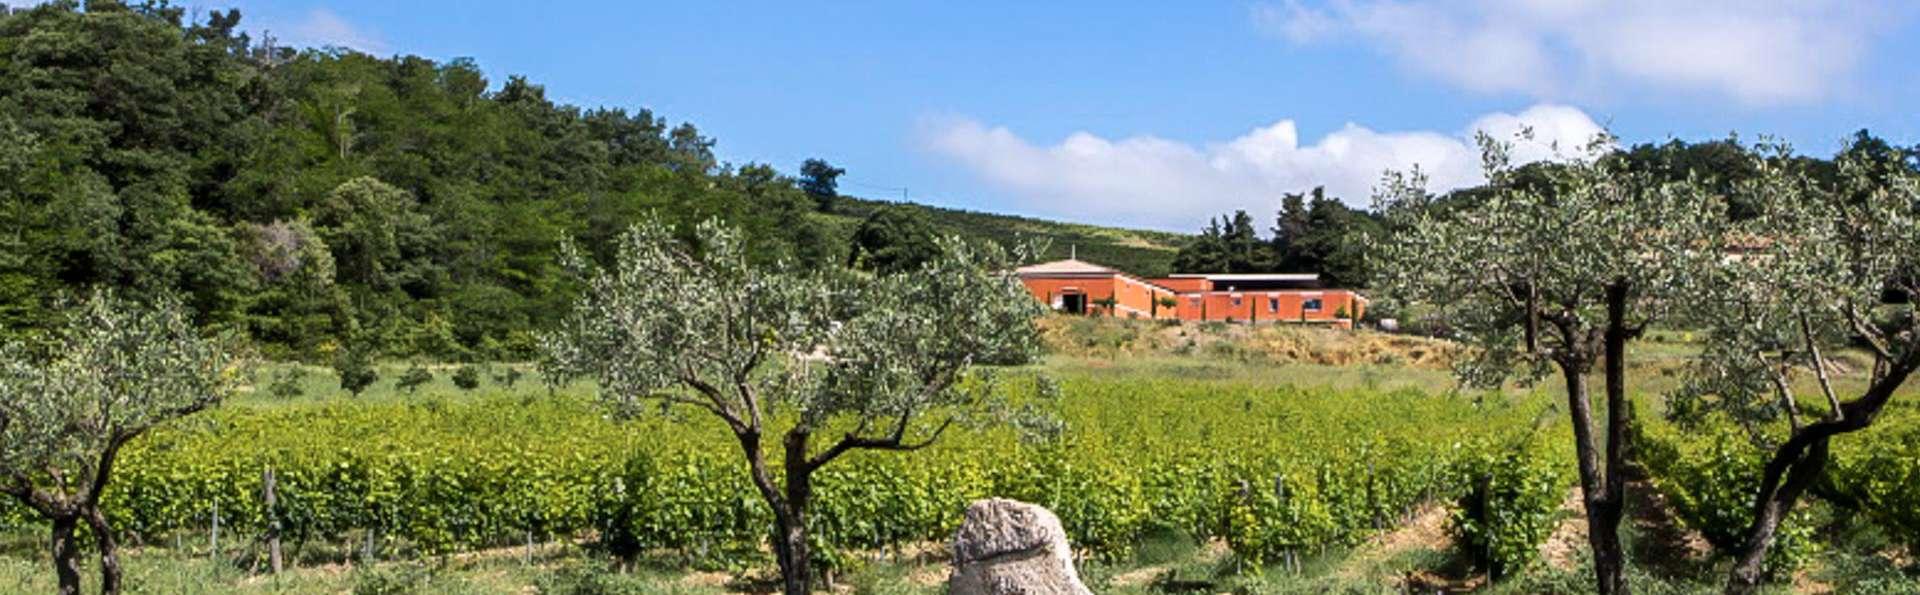 Visite d'un domaine viticole et séjour de charme à Orange